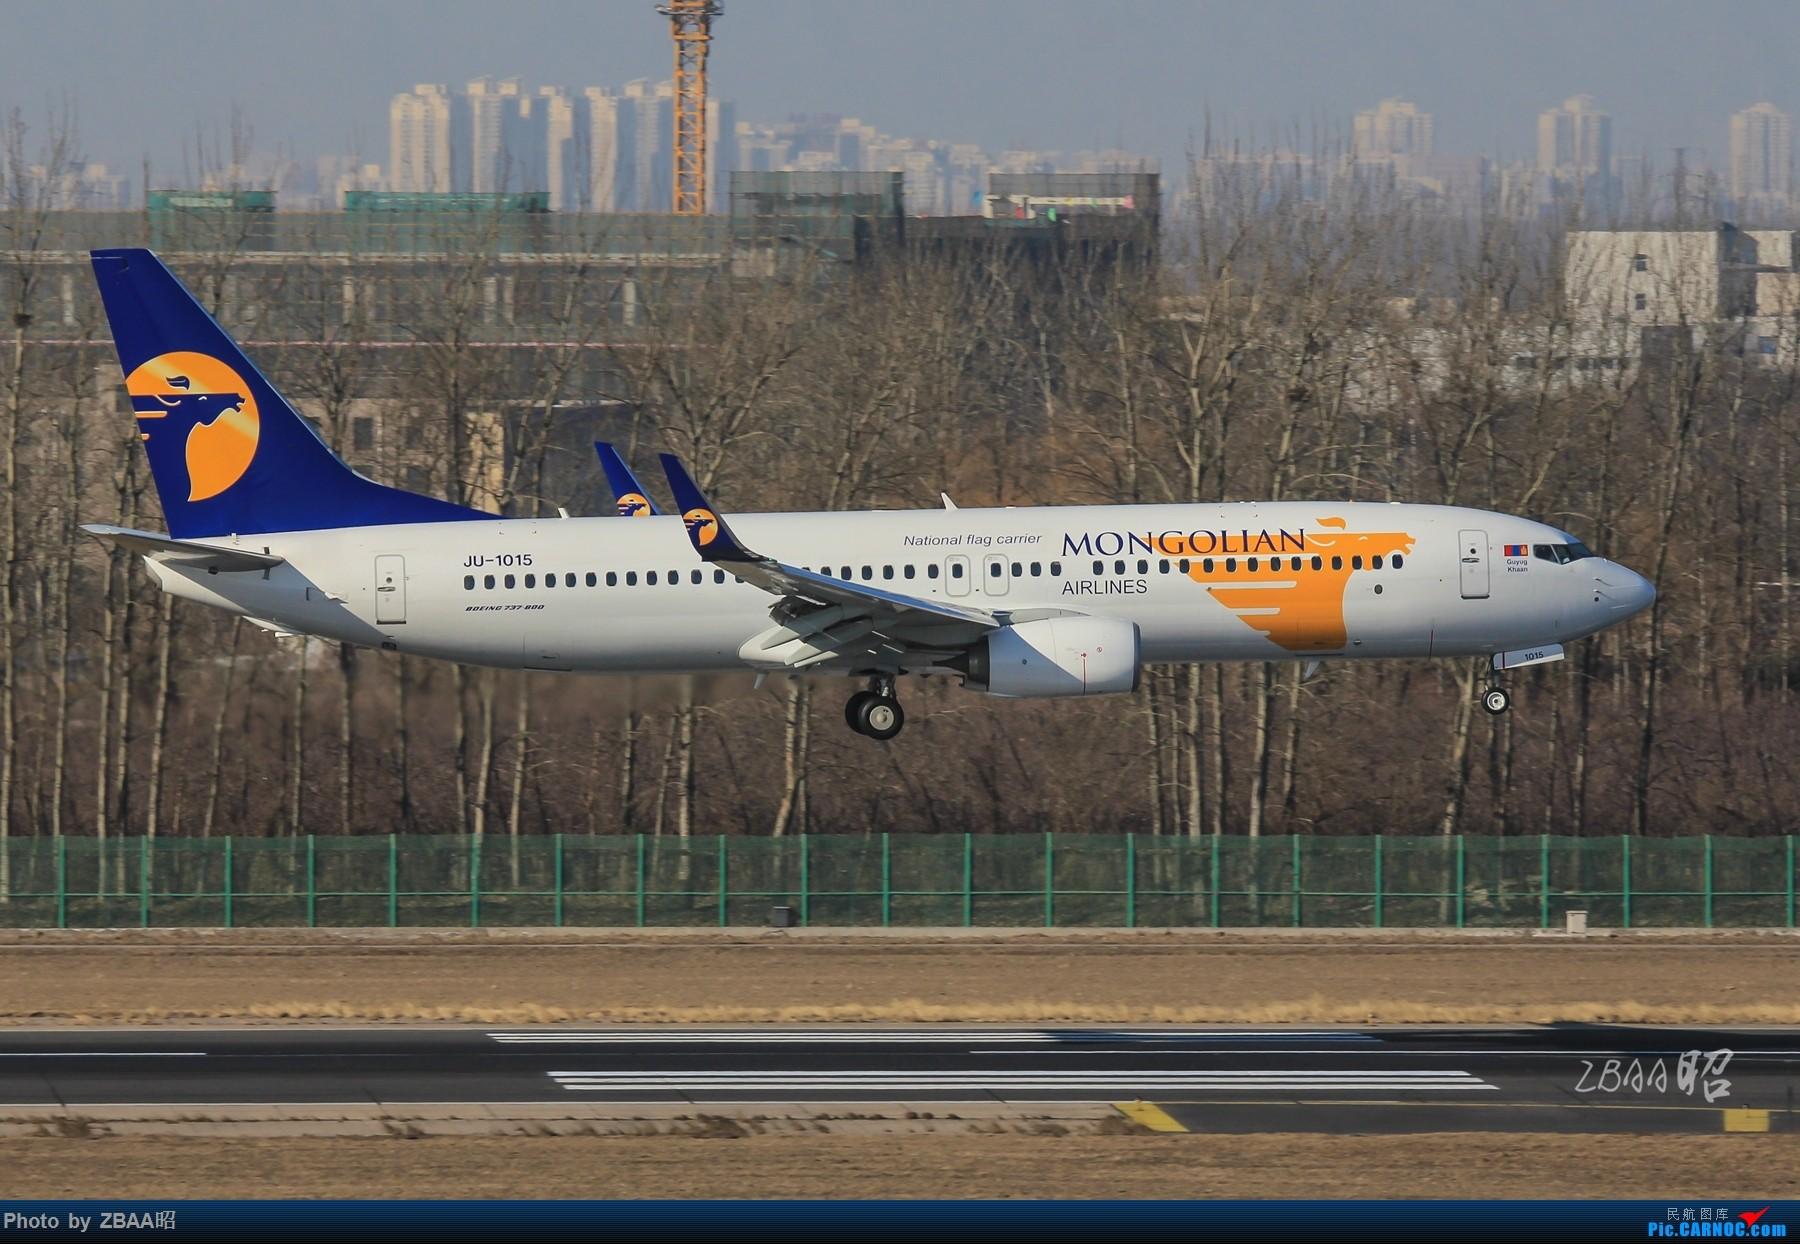 Re:[原创]飞友聚会后的独自疯狂,格林豪泰隔天怒打ZBAA 36L跑道,夜拍海航宽体机,寒风中坚守楼顶阵地 BOEING 737-800 JU-1015 中国北京首都国际机场